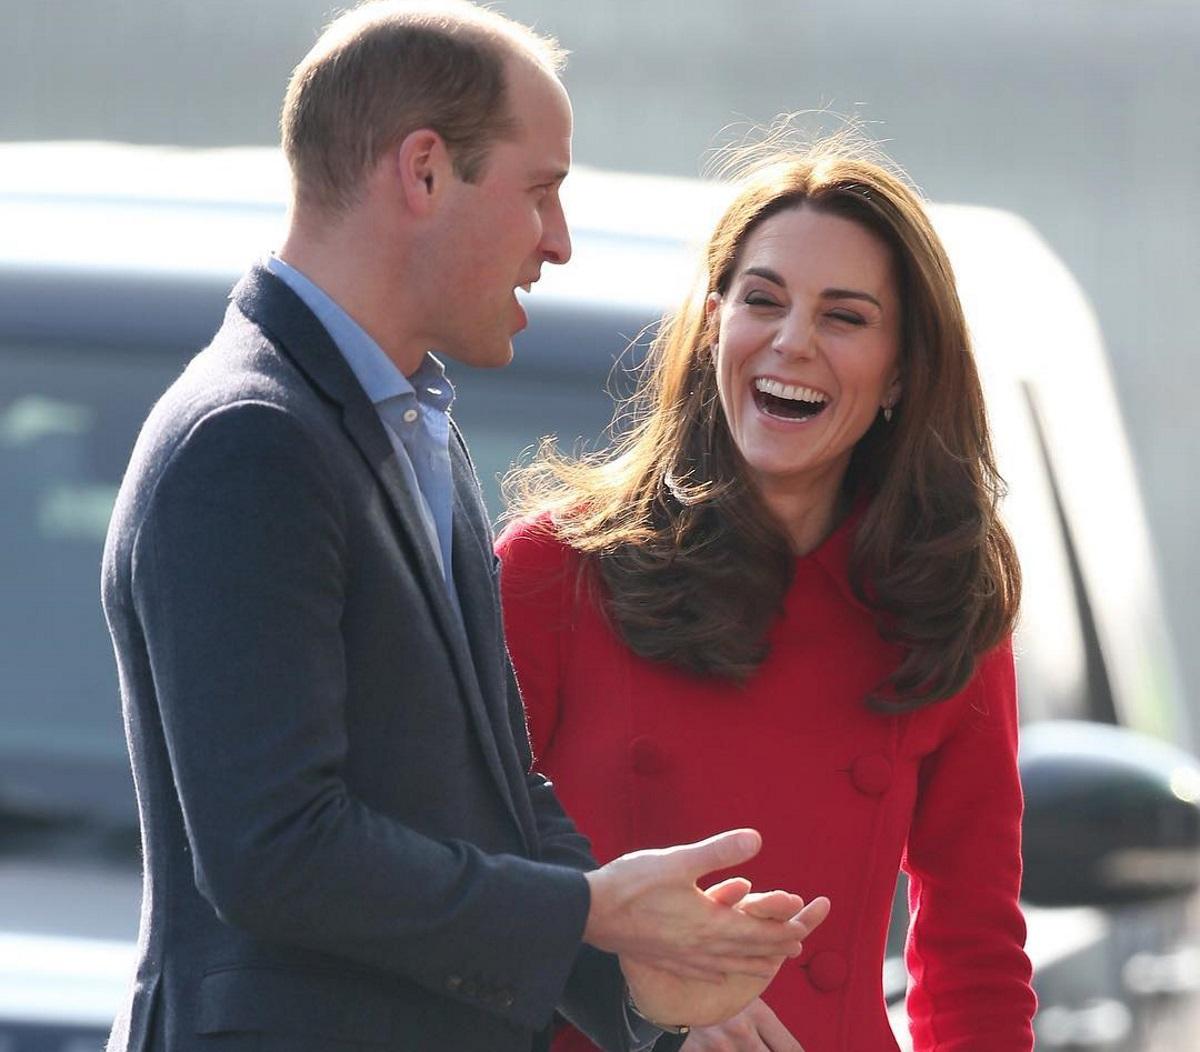 Ο πρίγκιπας William και η Kate Middleton επιδεικνύουν το νέο τους ταλέντο! [pics]